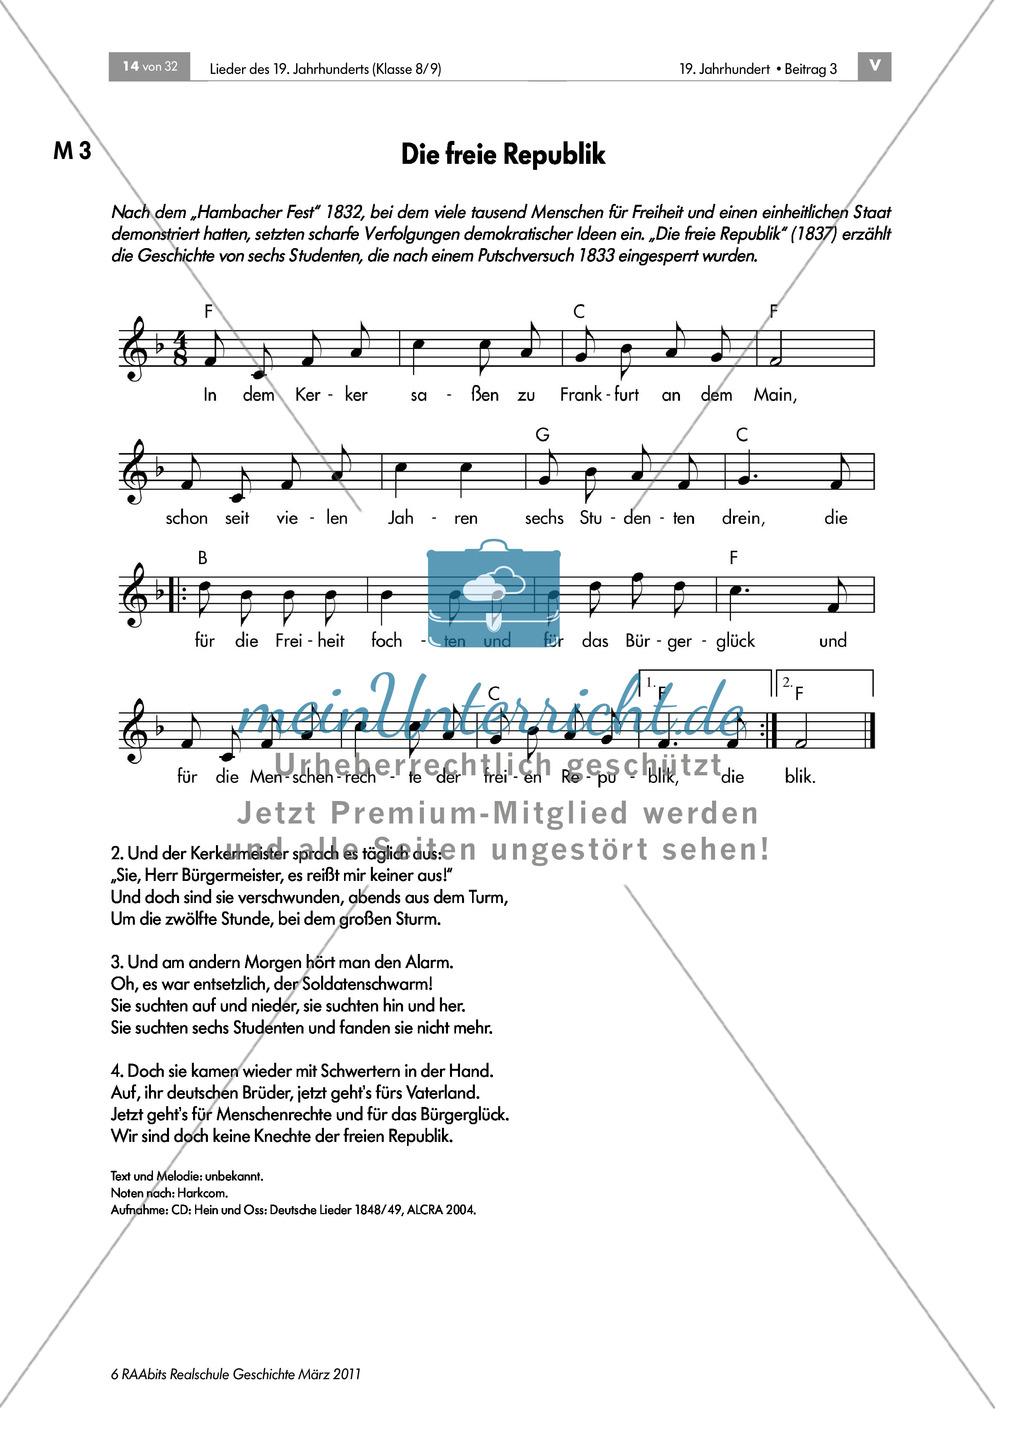 Lieder des 19. Jahrhunderts: Studentenlied aus der Zeit des Vormärz: